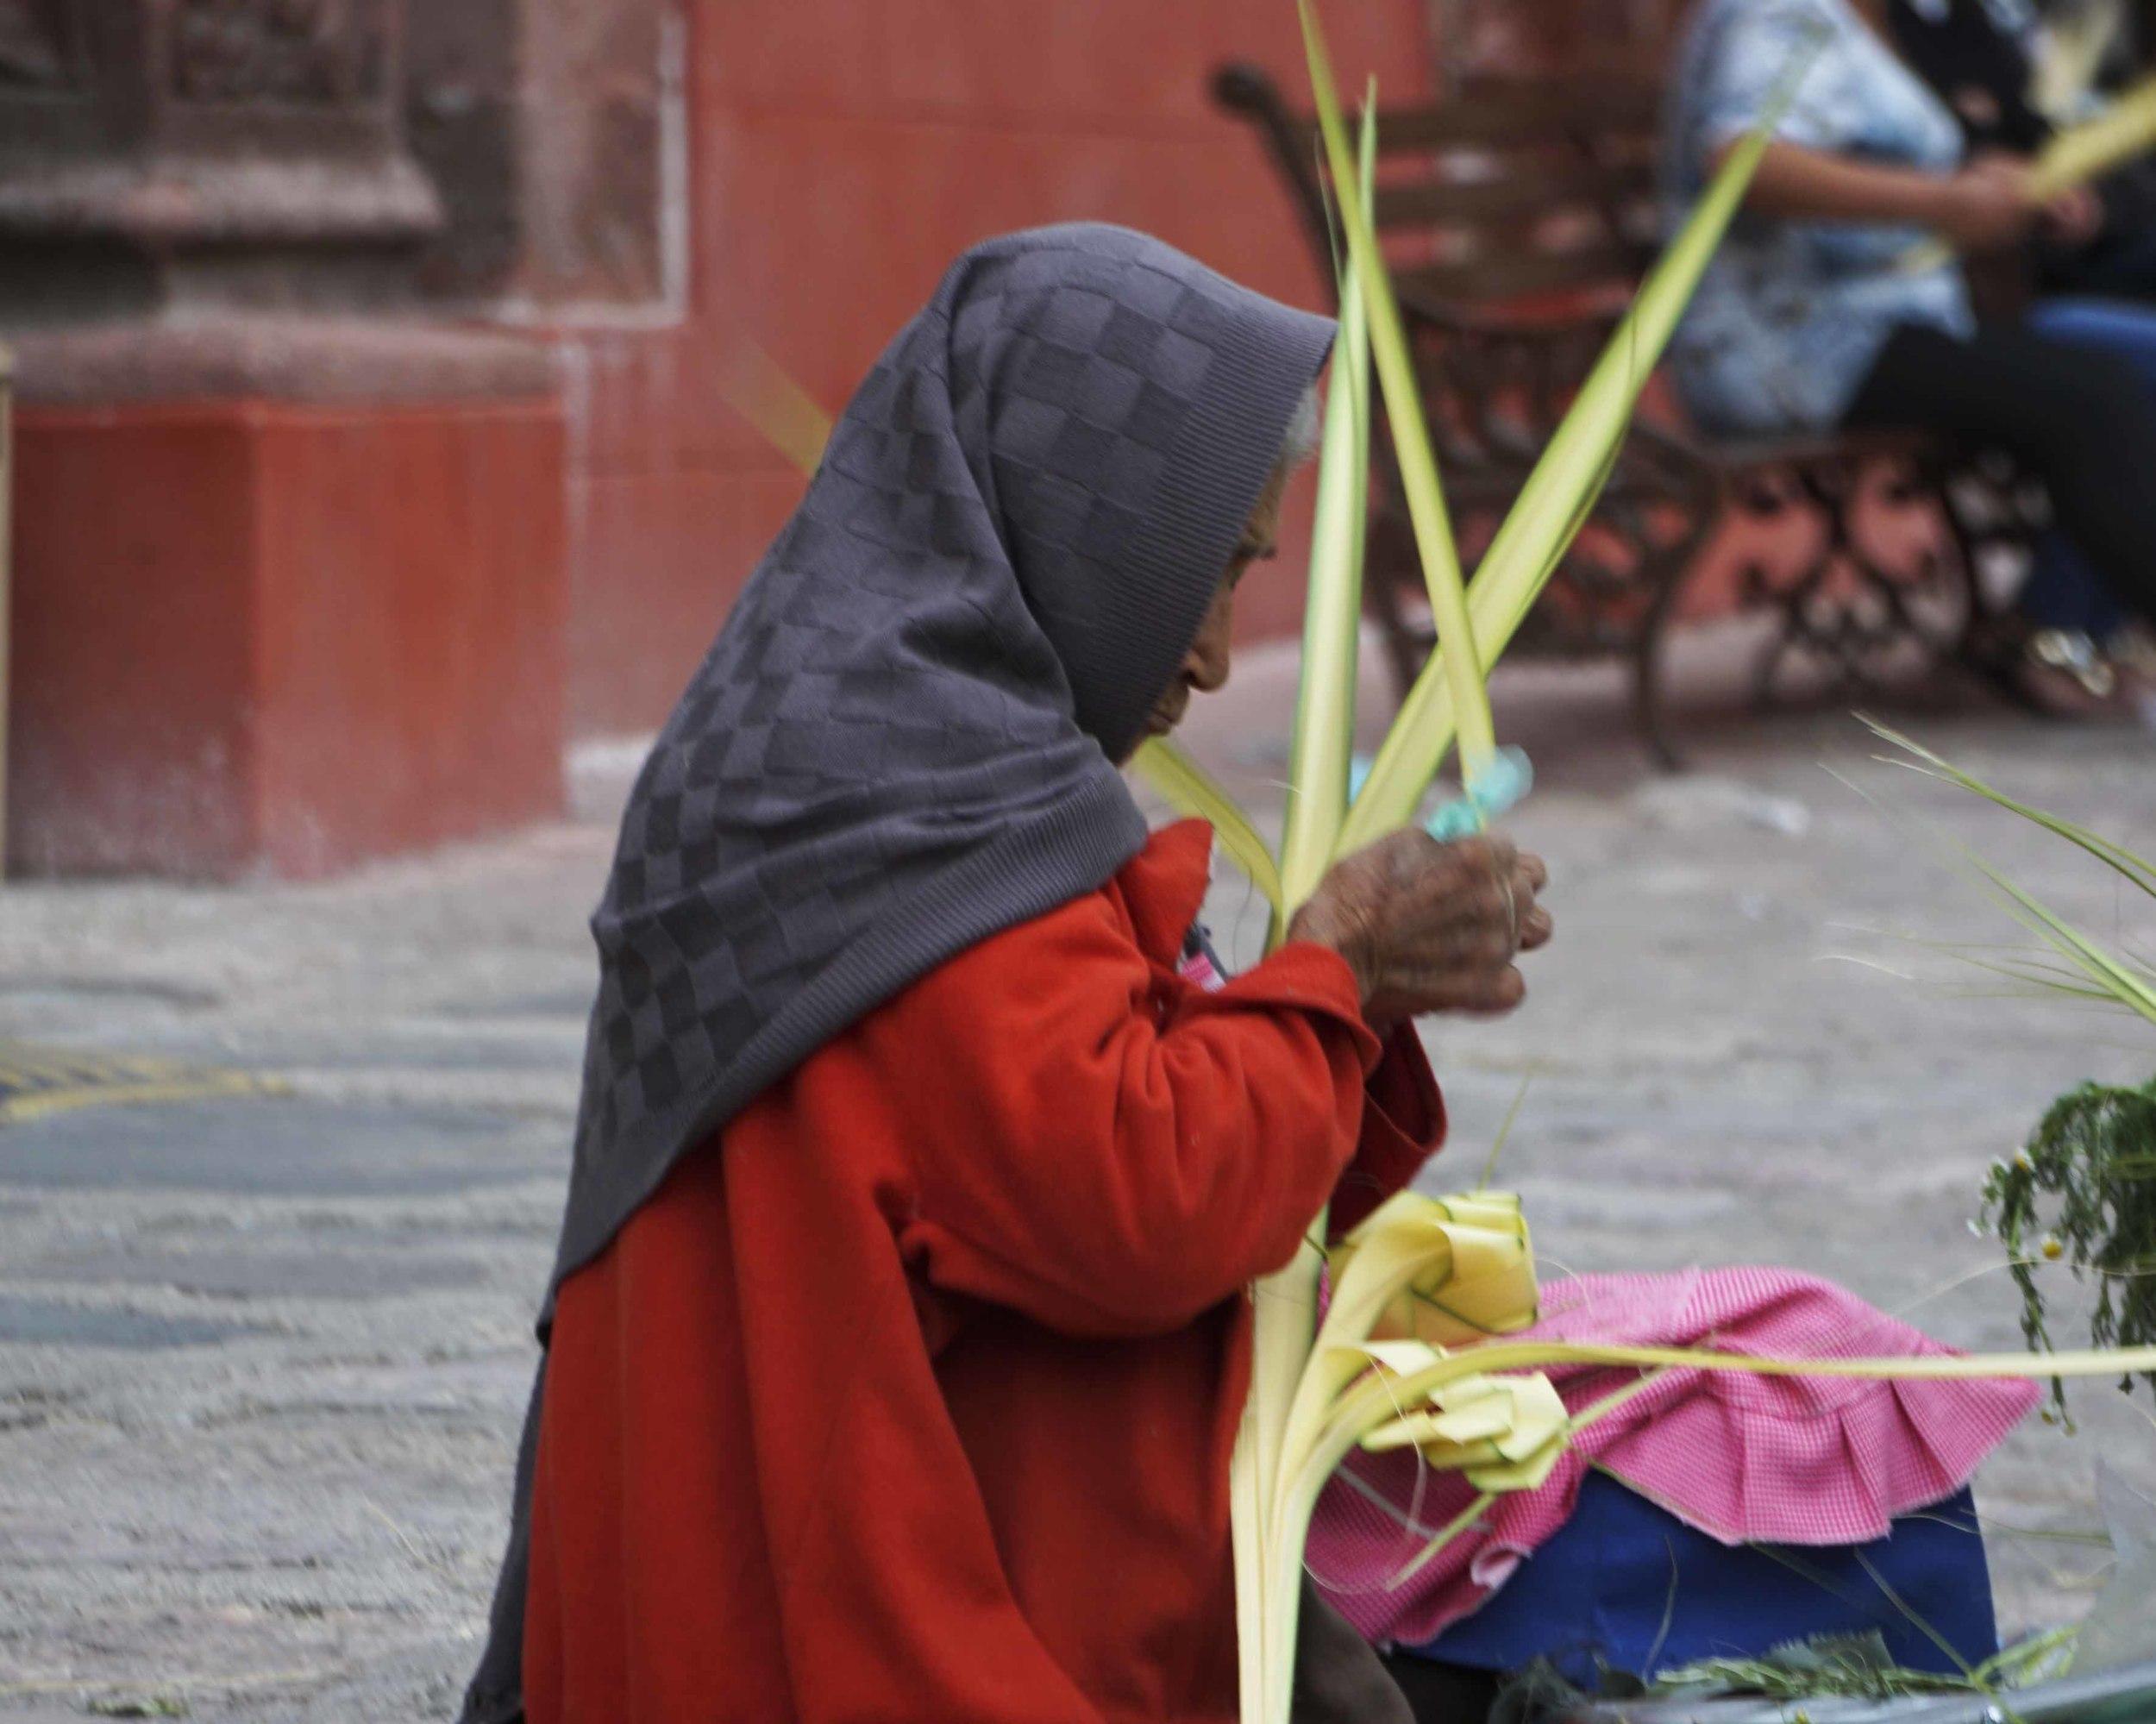 Woman in redDSC01671.jpg